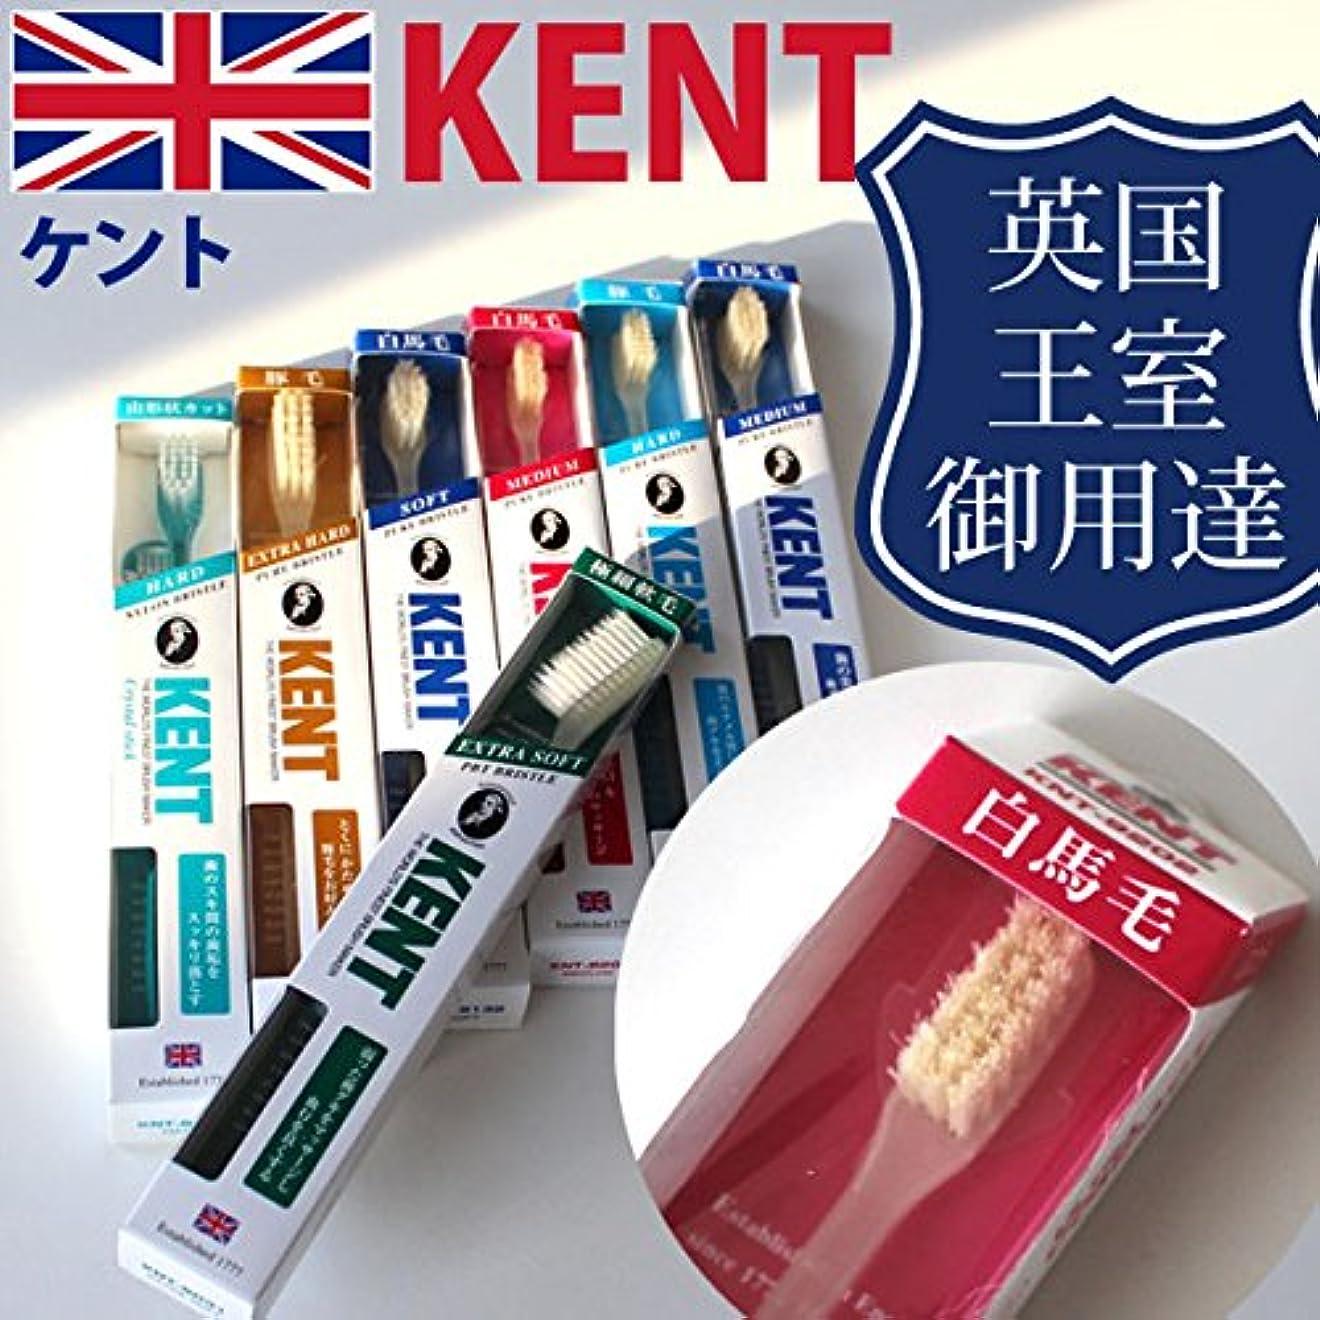 数字物質引き出しケント KENT 白馬毛 超コンパクト歯ブラシ KNT-9102/9202 6本入り 他のコンパクトヘッドに比べて歯 ふつう